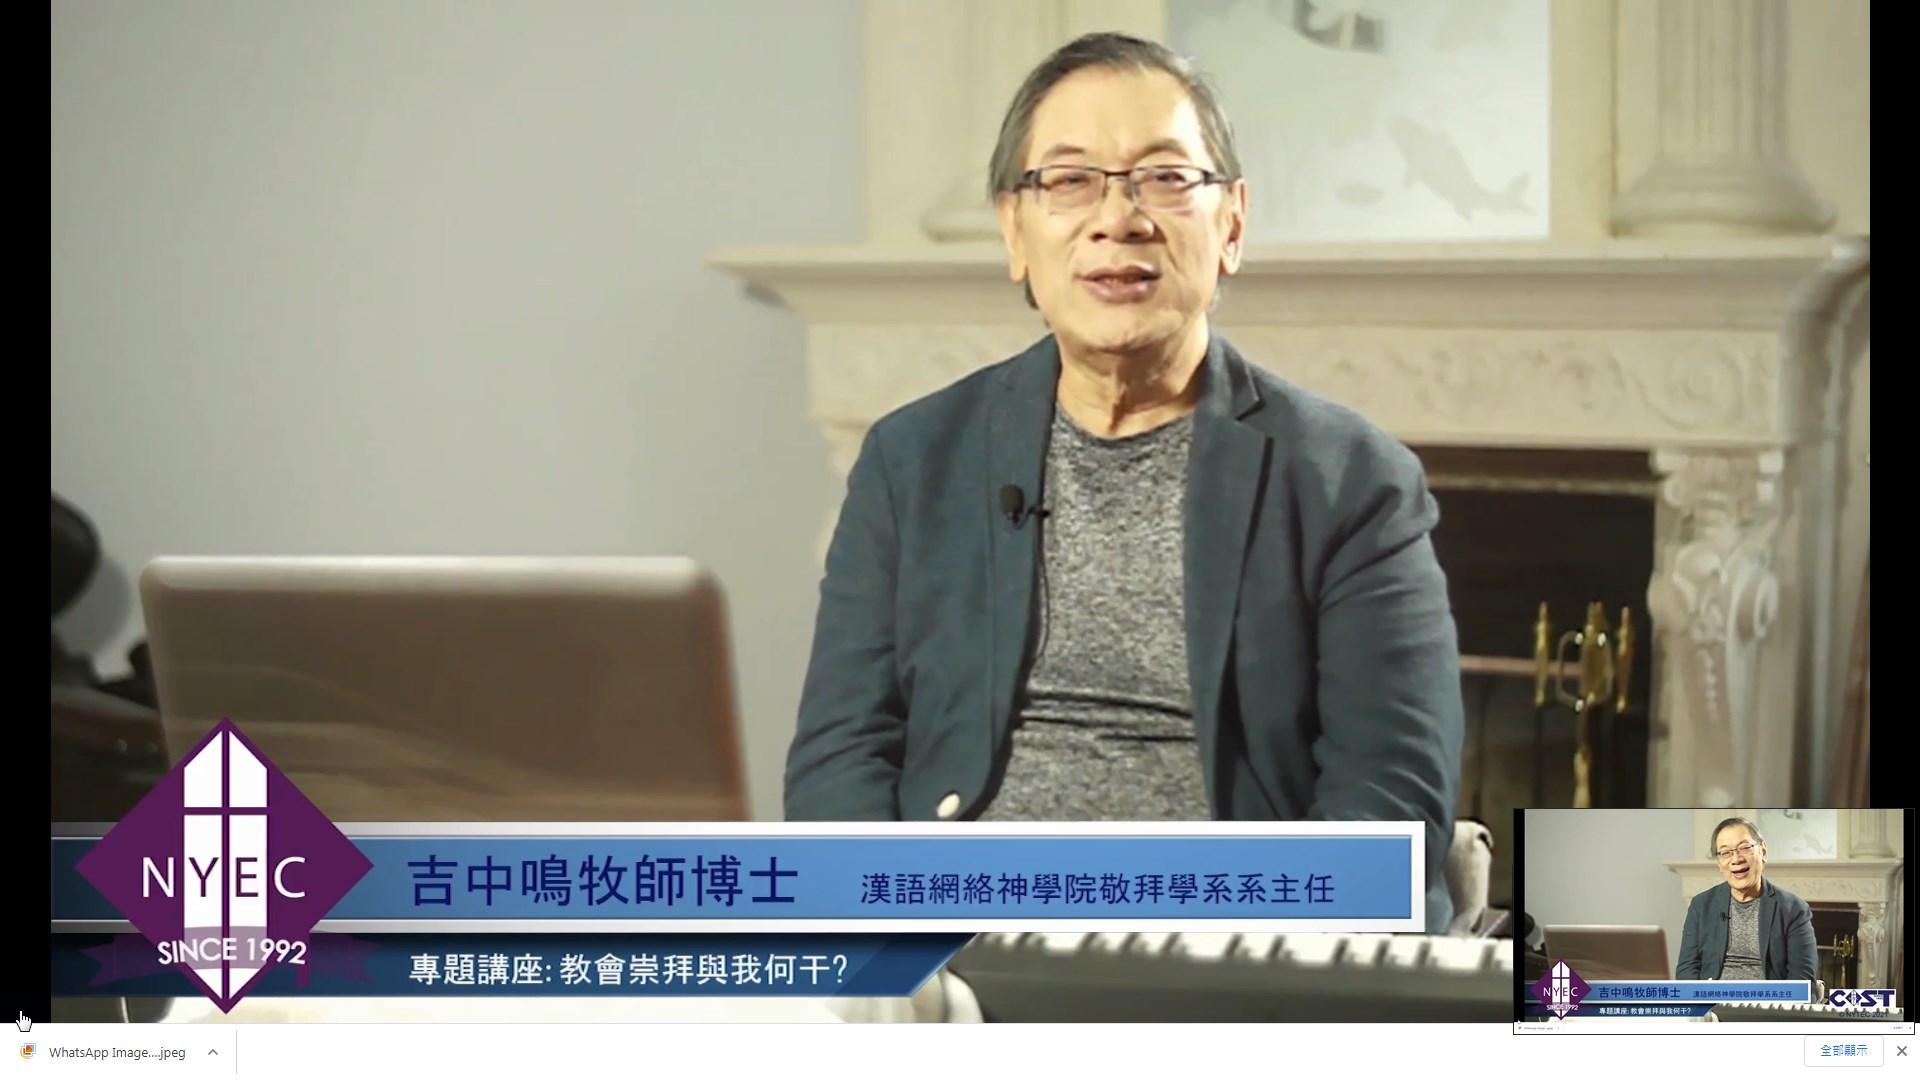 吉中鳴牧師博士講座系列